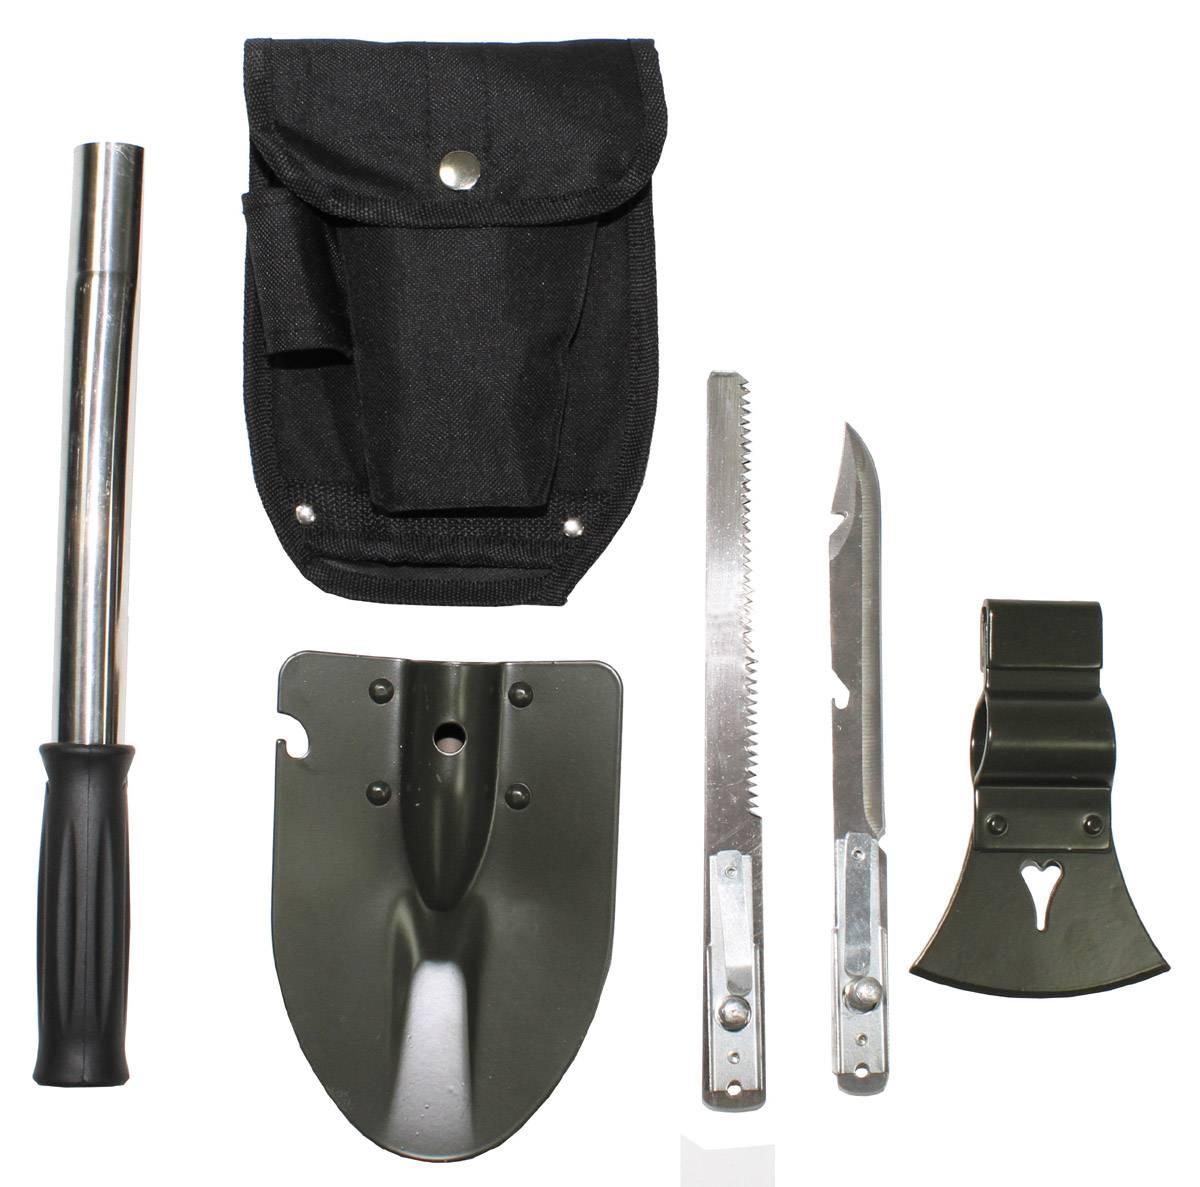 Правила выбора лучшего ножа для охоты и рыбалки — виды, назначение и основные параметры